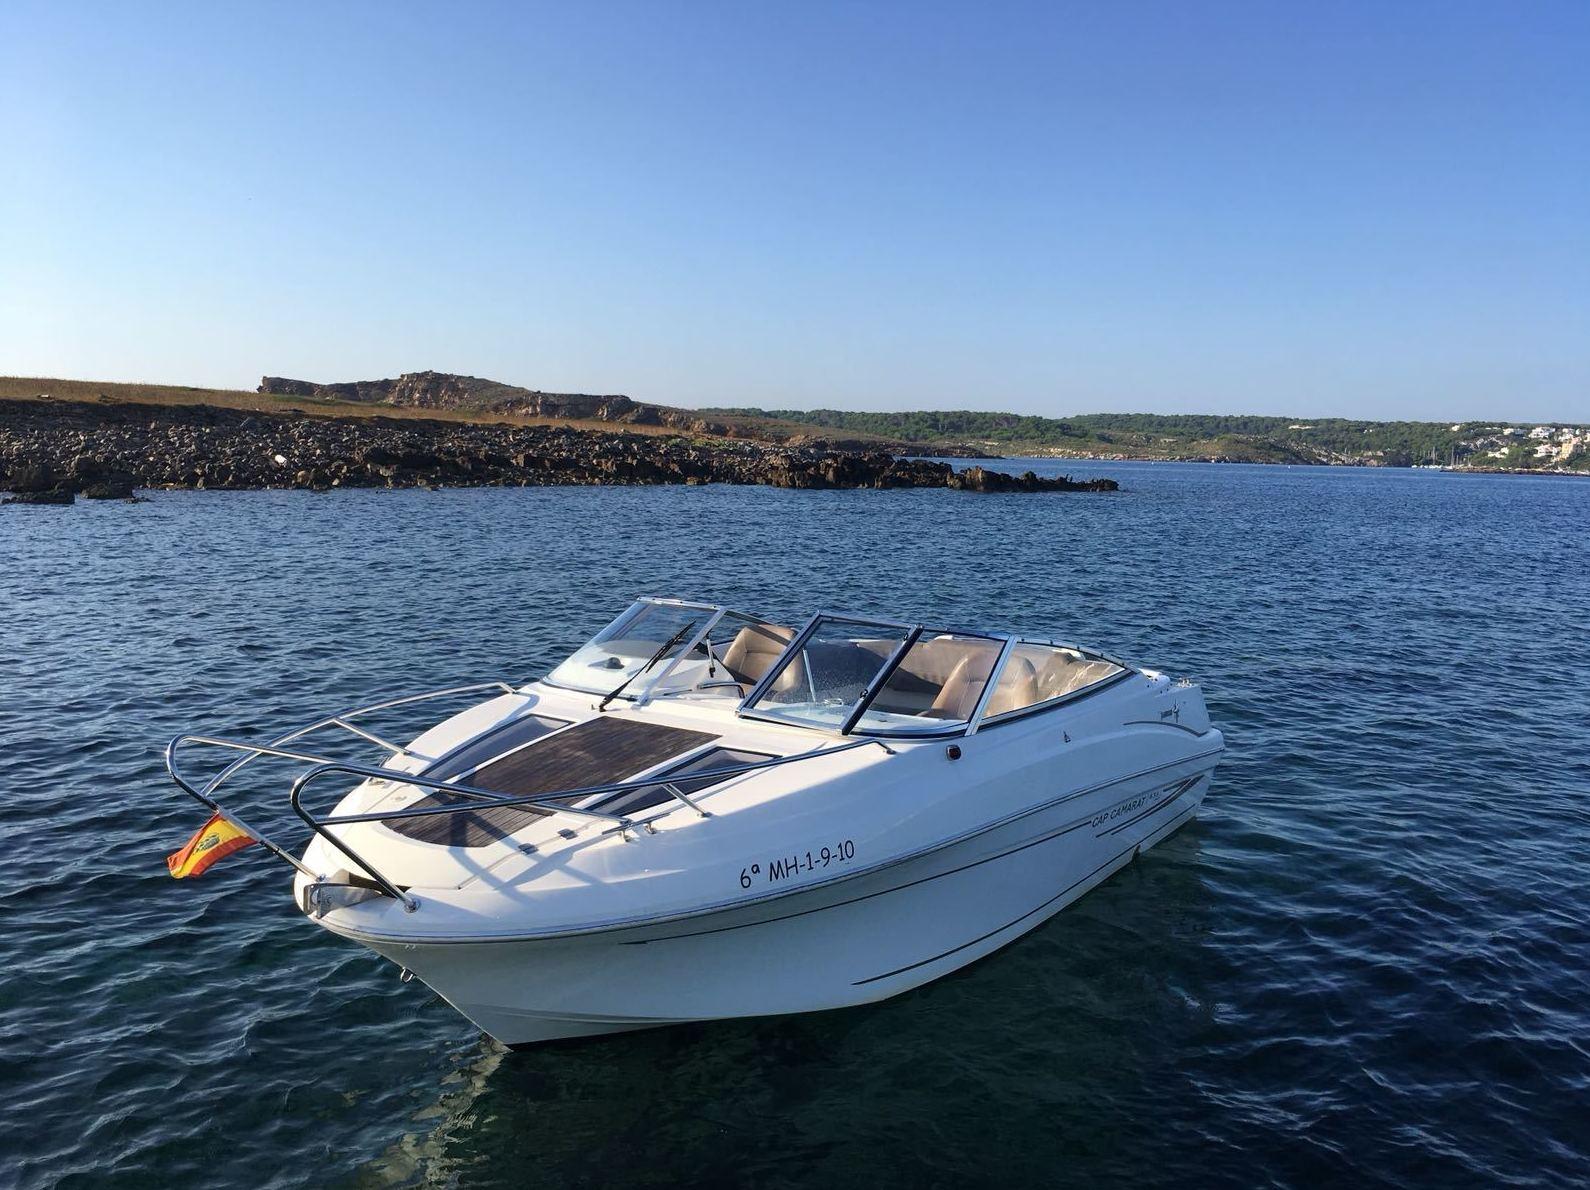 Foto 2 de Venta y alquiler de embarcacione en Port d'Addaia | Náutica Puig